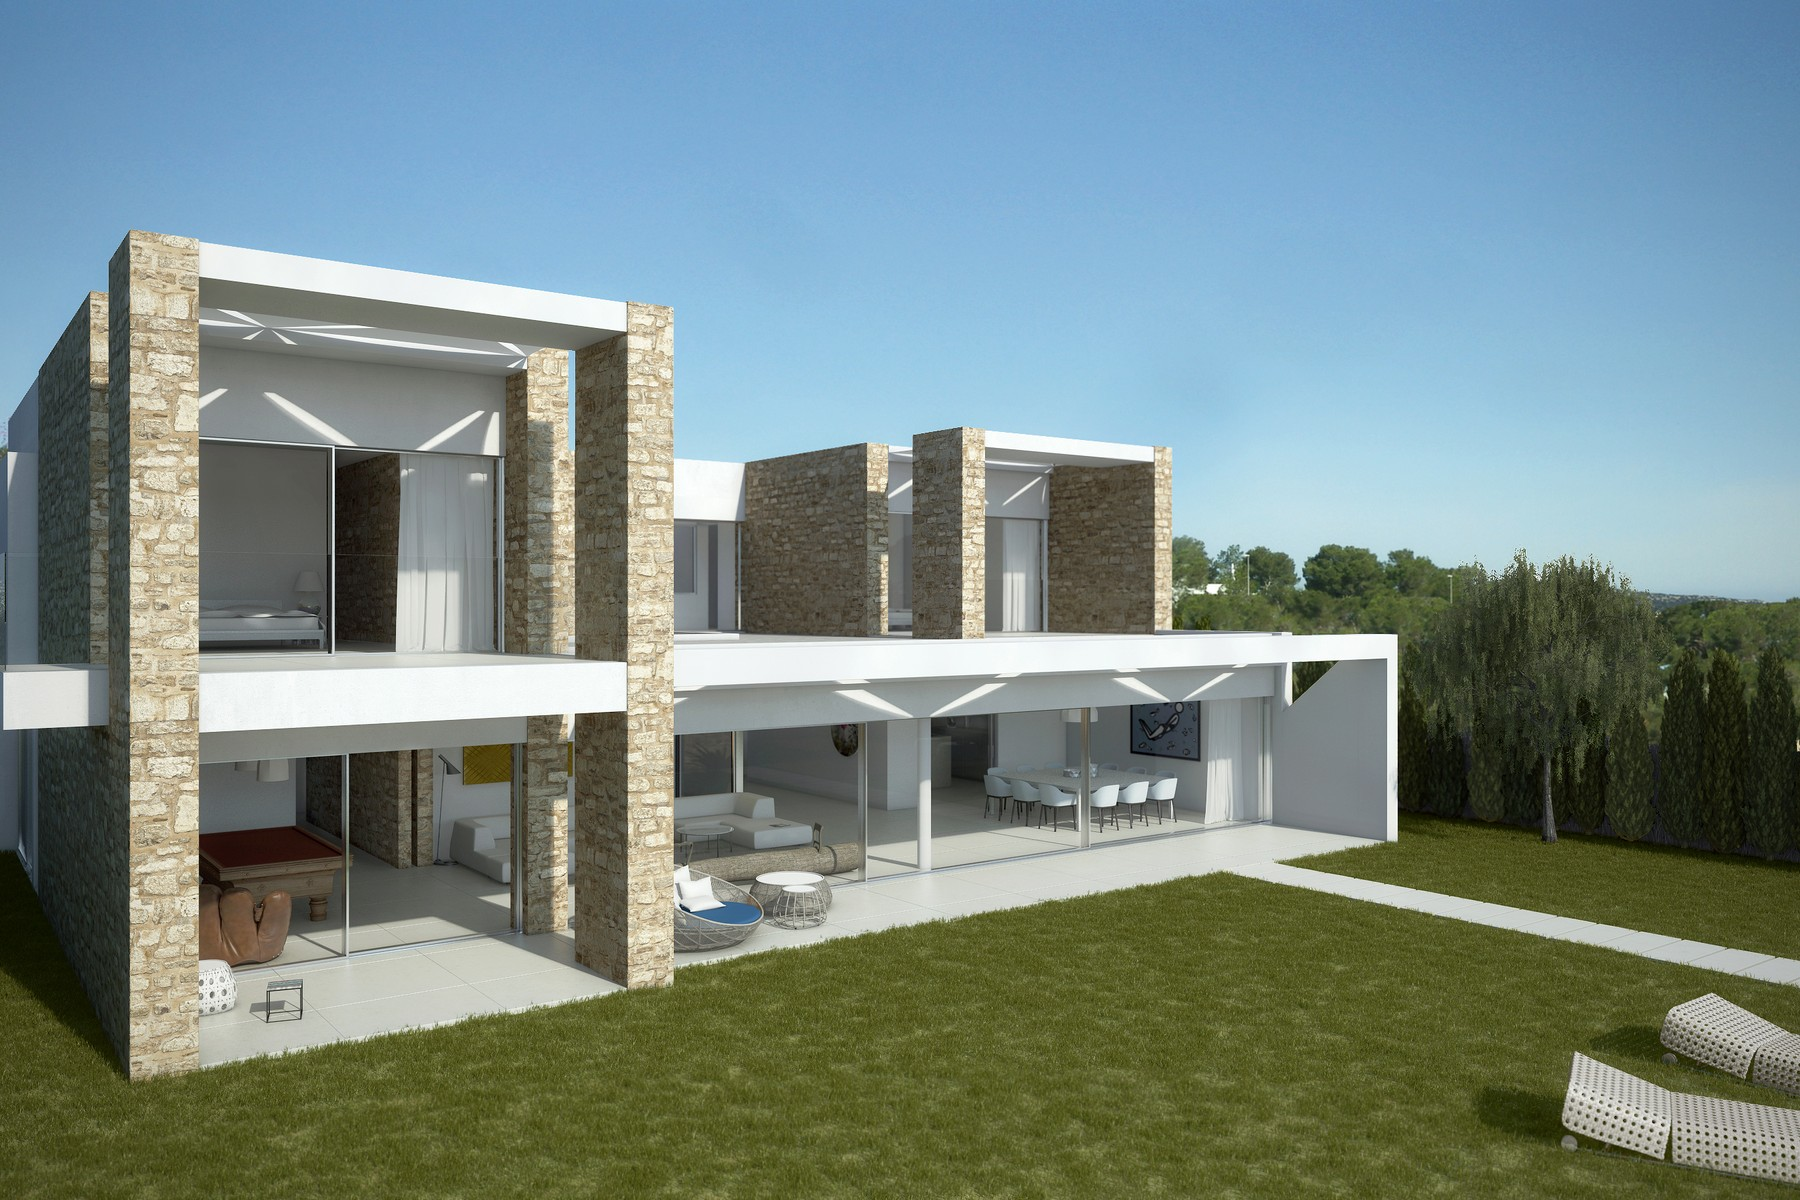 Property Of 位于高级小区的新建住宅楼群